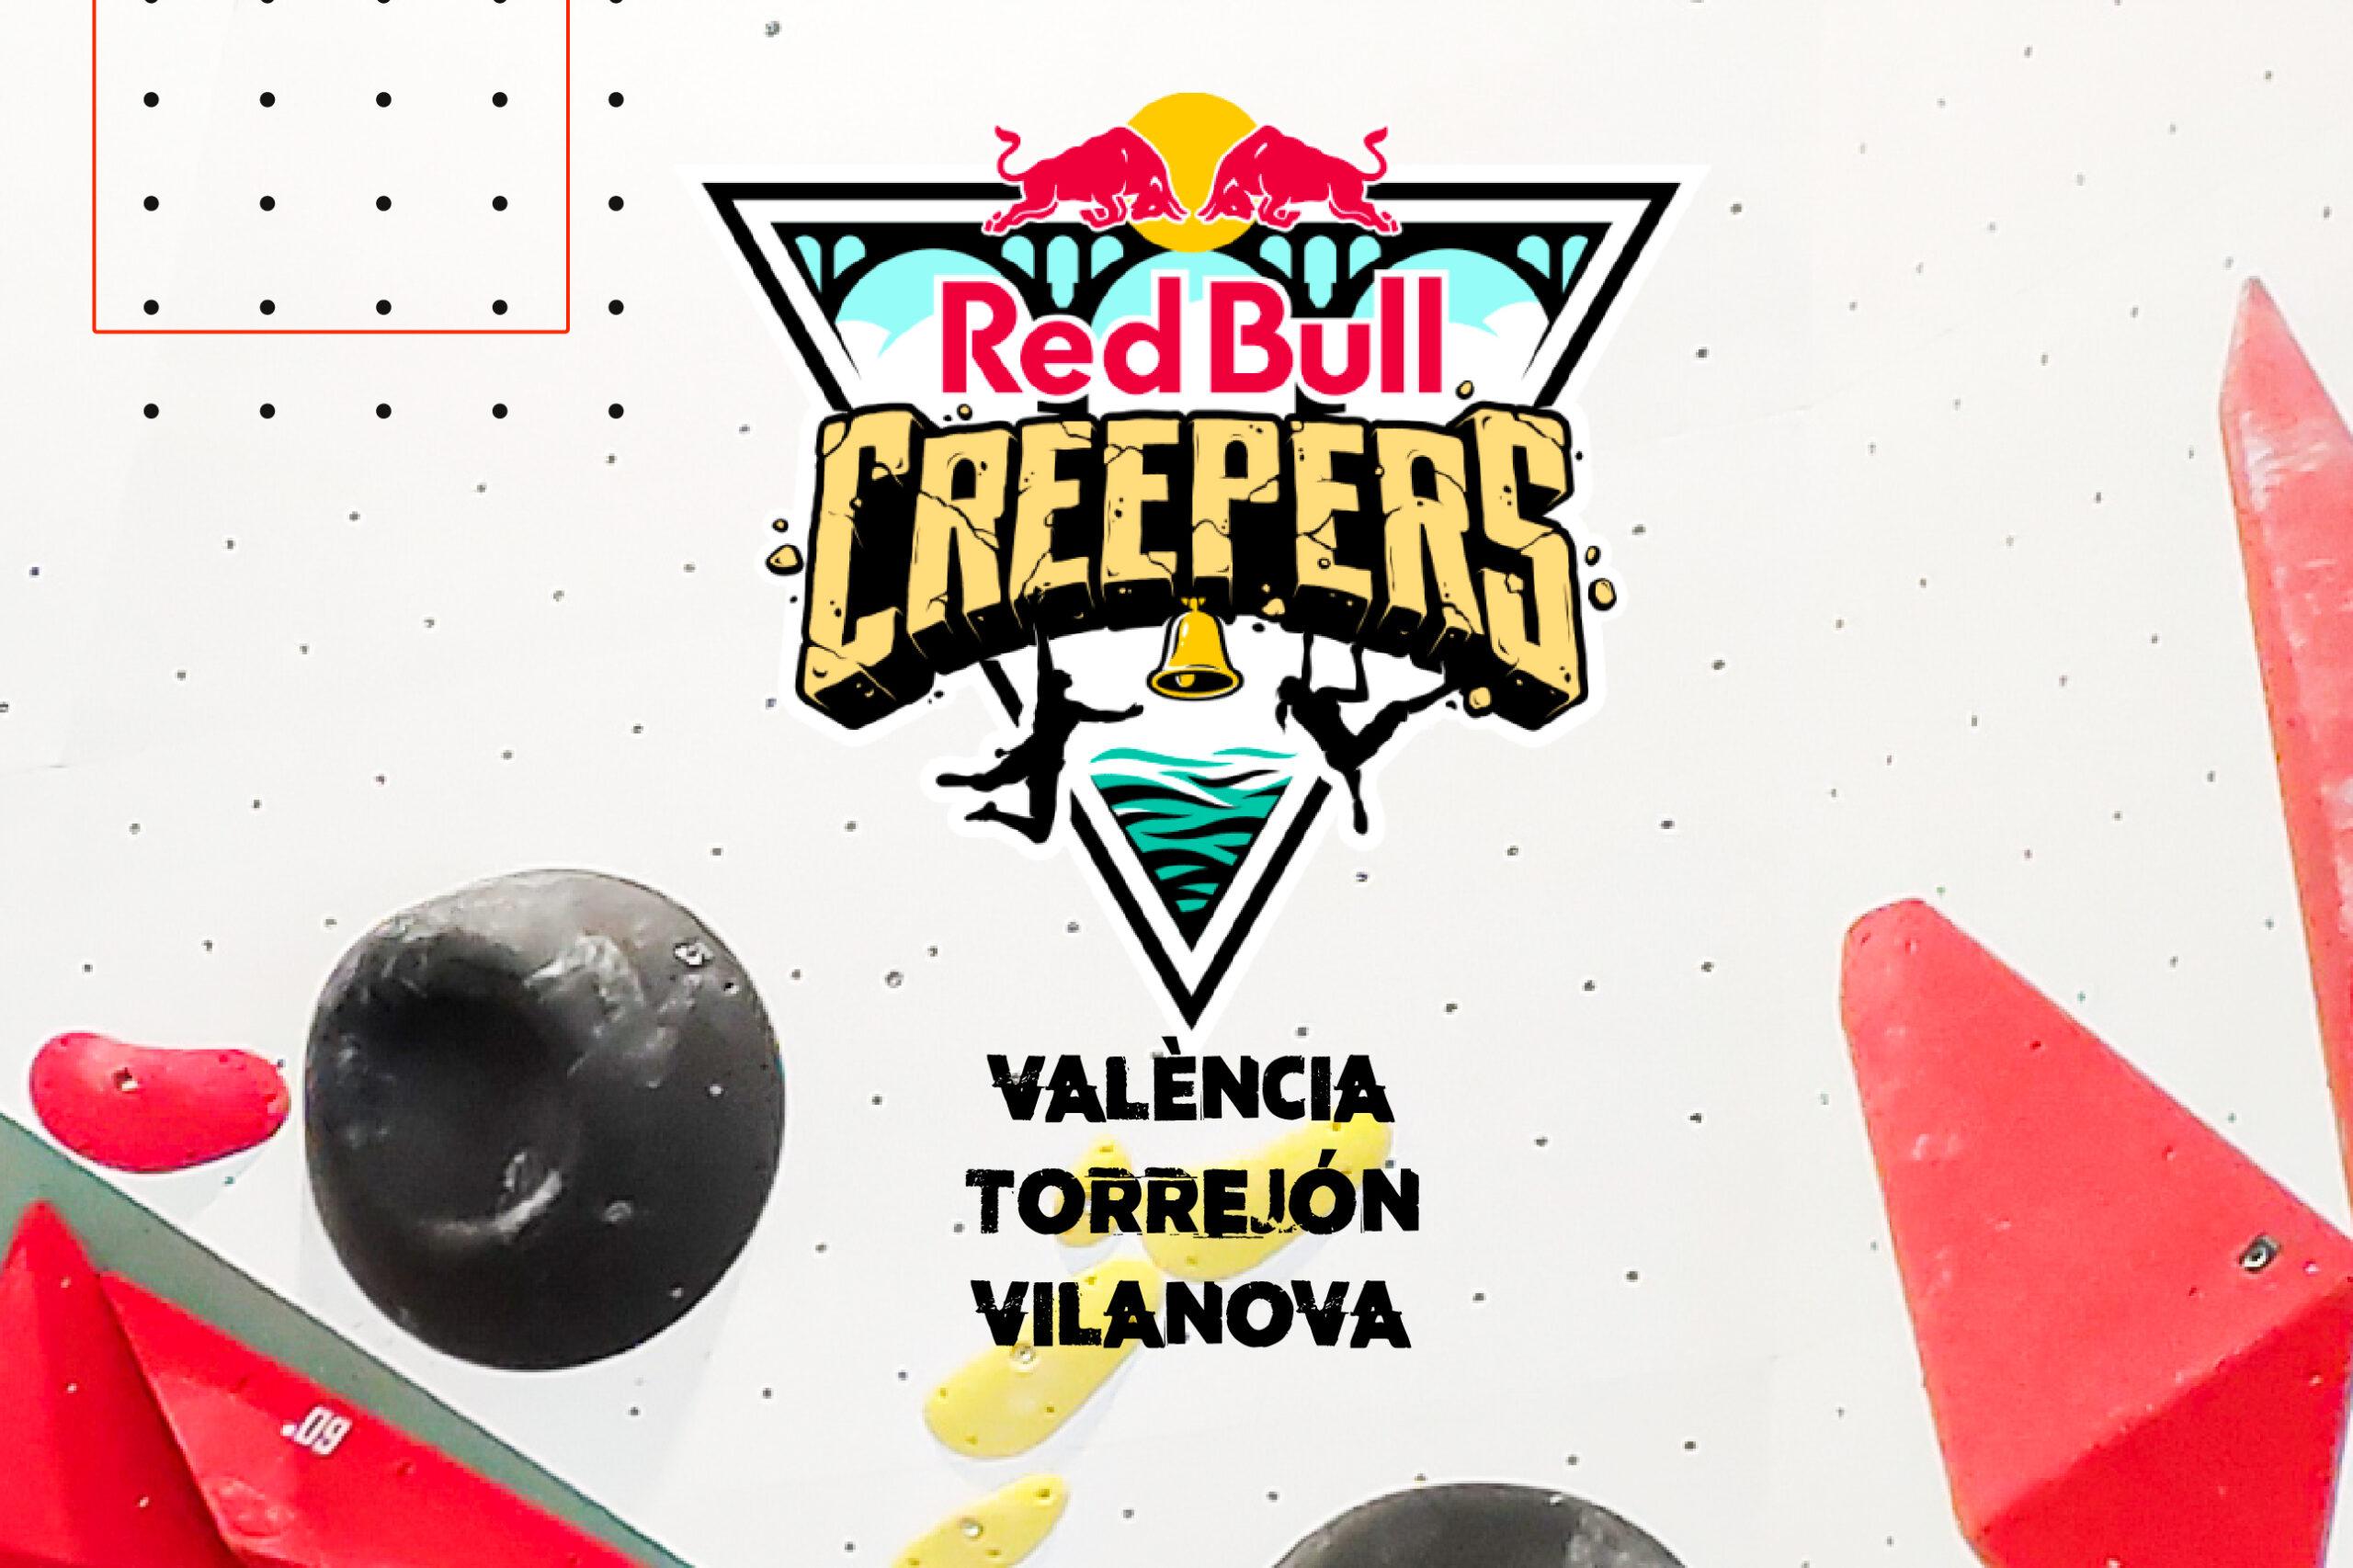 Indoorwall Acoge Tres Pruebas De La Edición De La Liga Red Bull Creepers 2021.